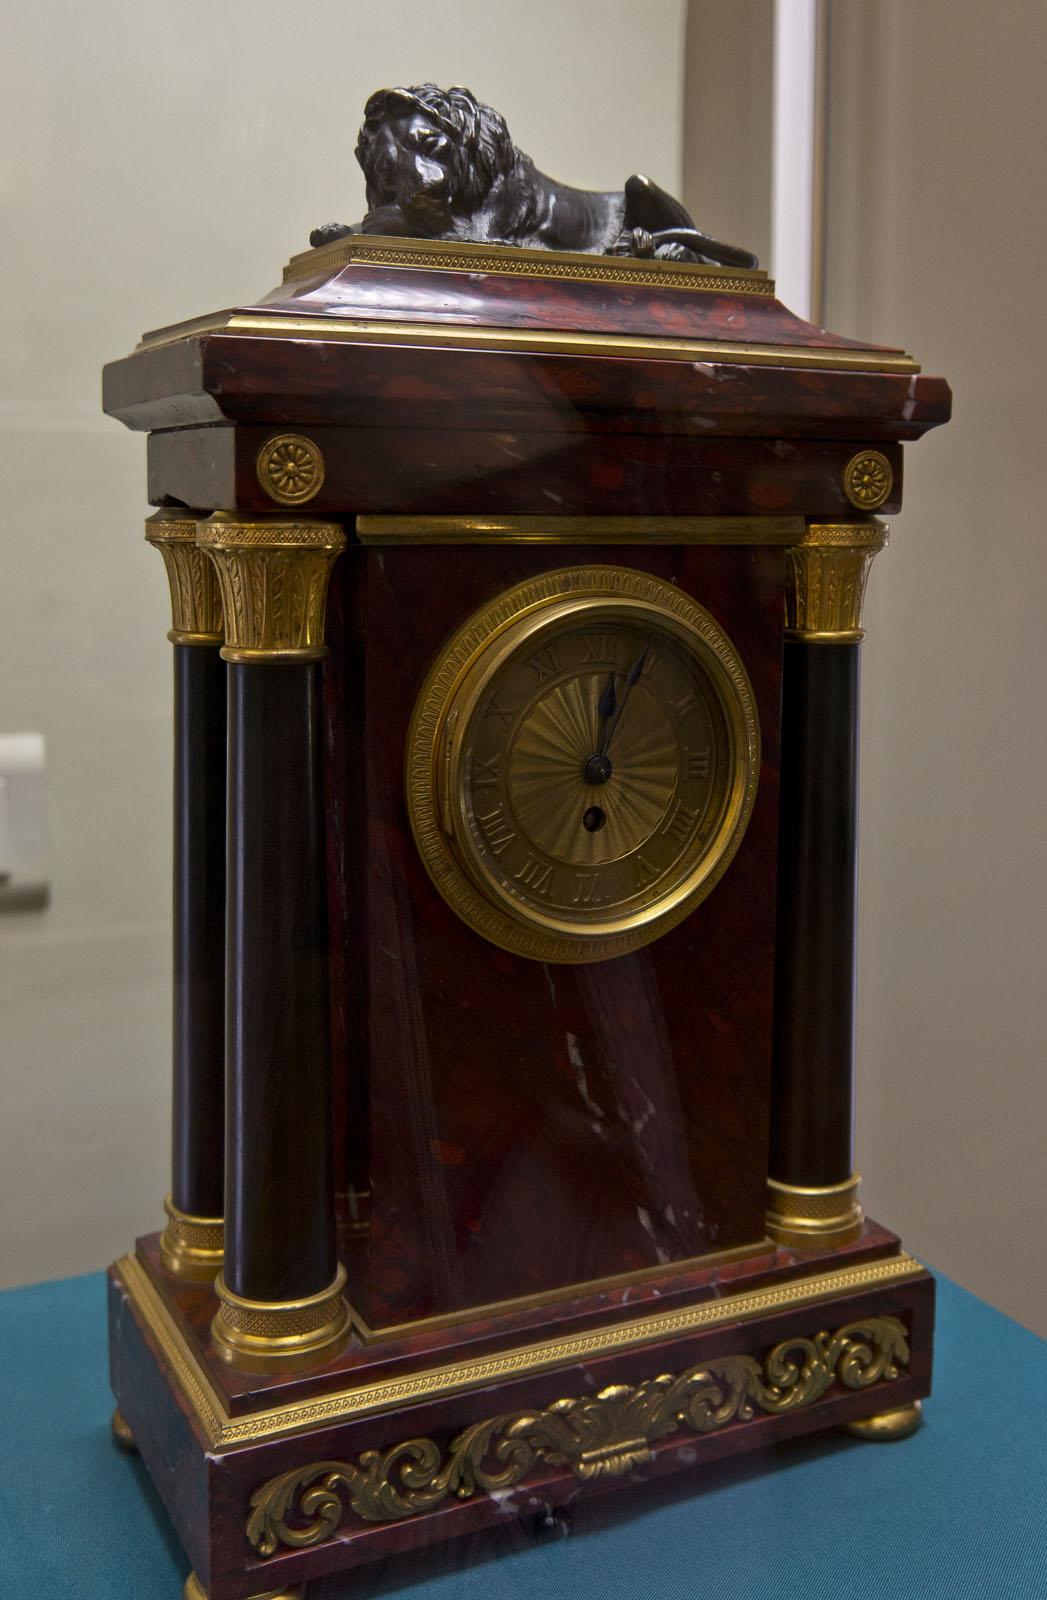 Фото №79964. Часы каминные со скульптурой льва на корпусе.